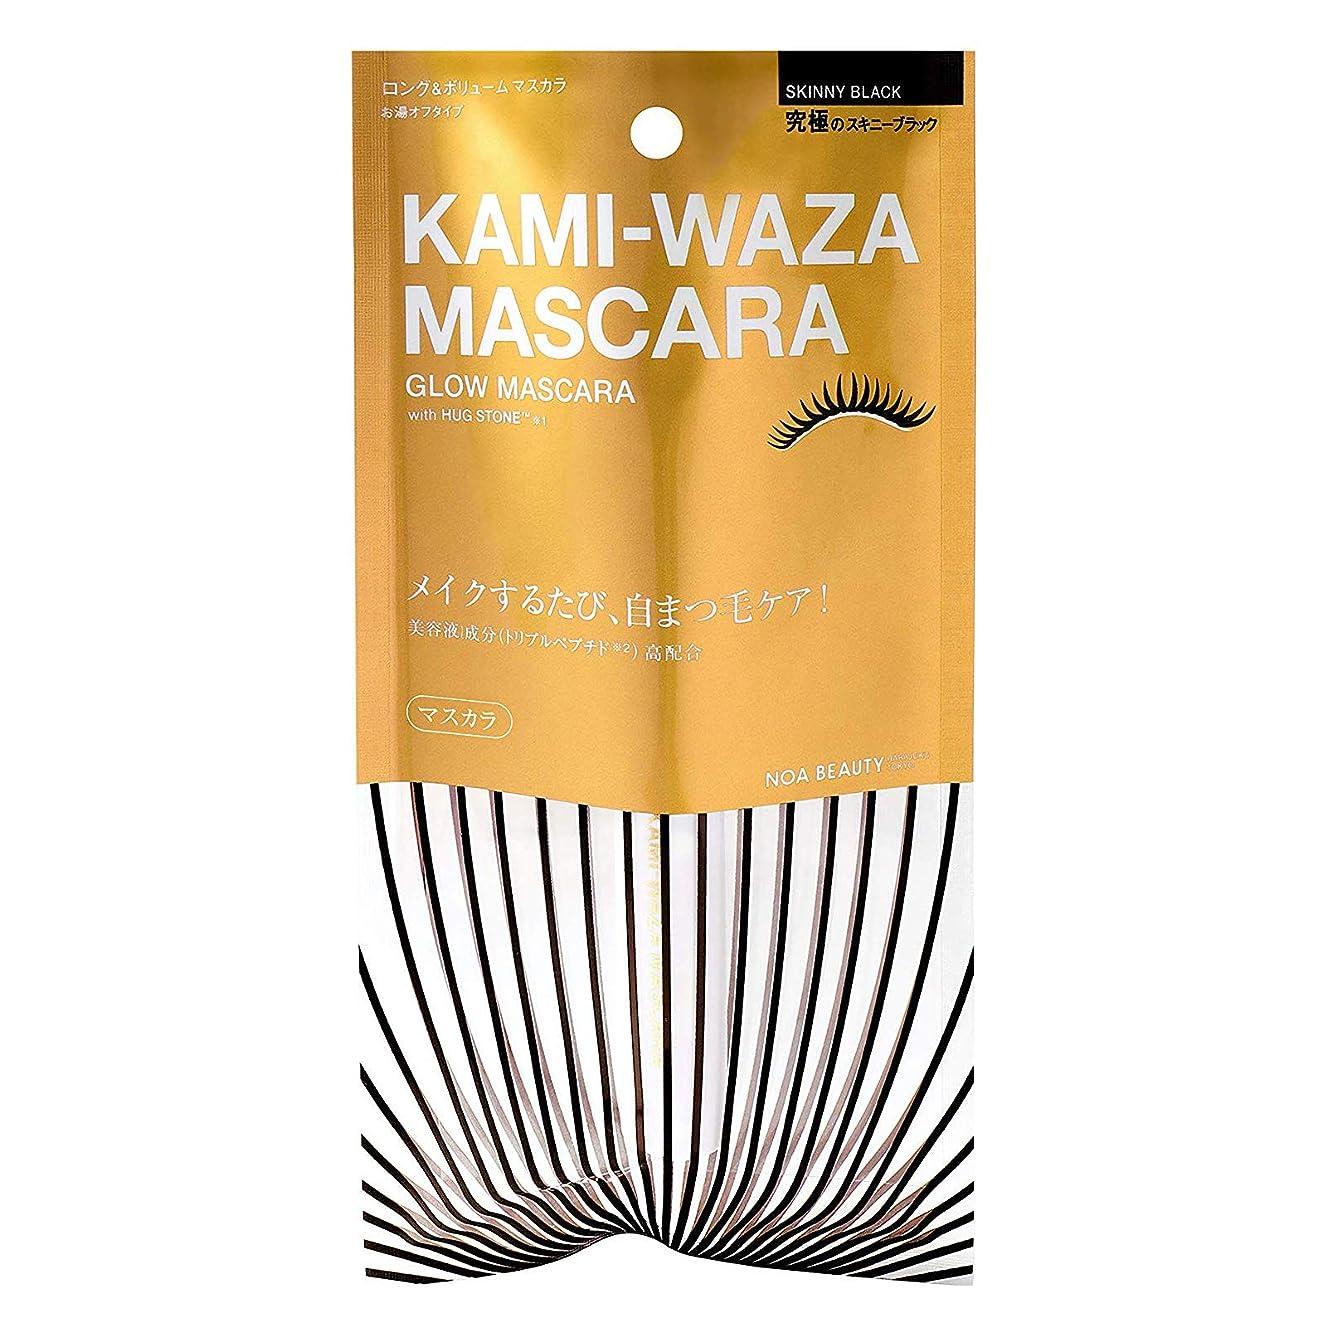 論文こだわり航海のKAMI-WAZA(カミワザ) MASCARA 〈美容マスカラ〉 KWM01 (8g)